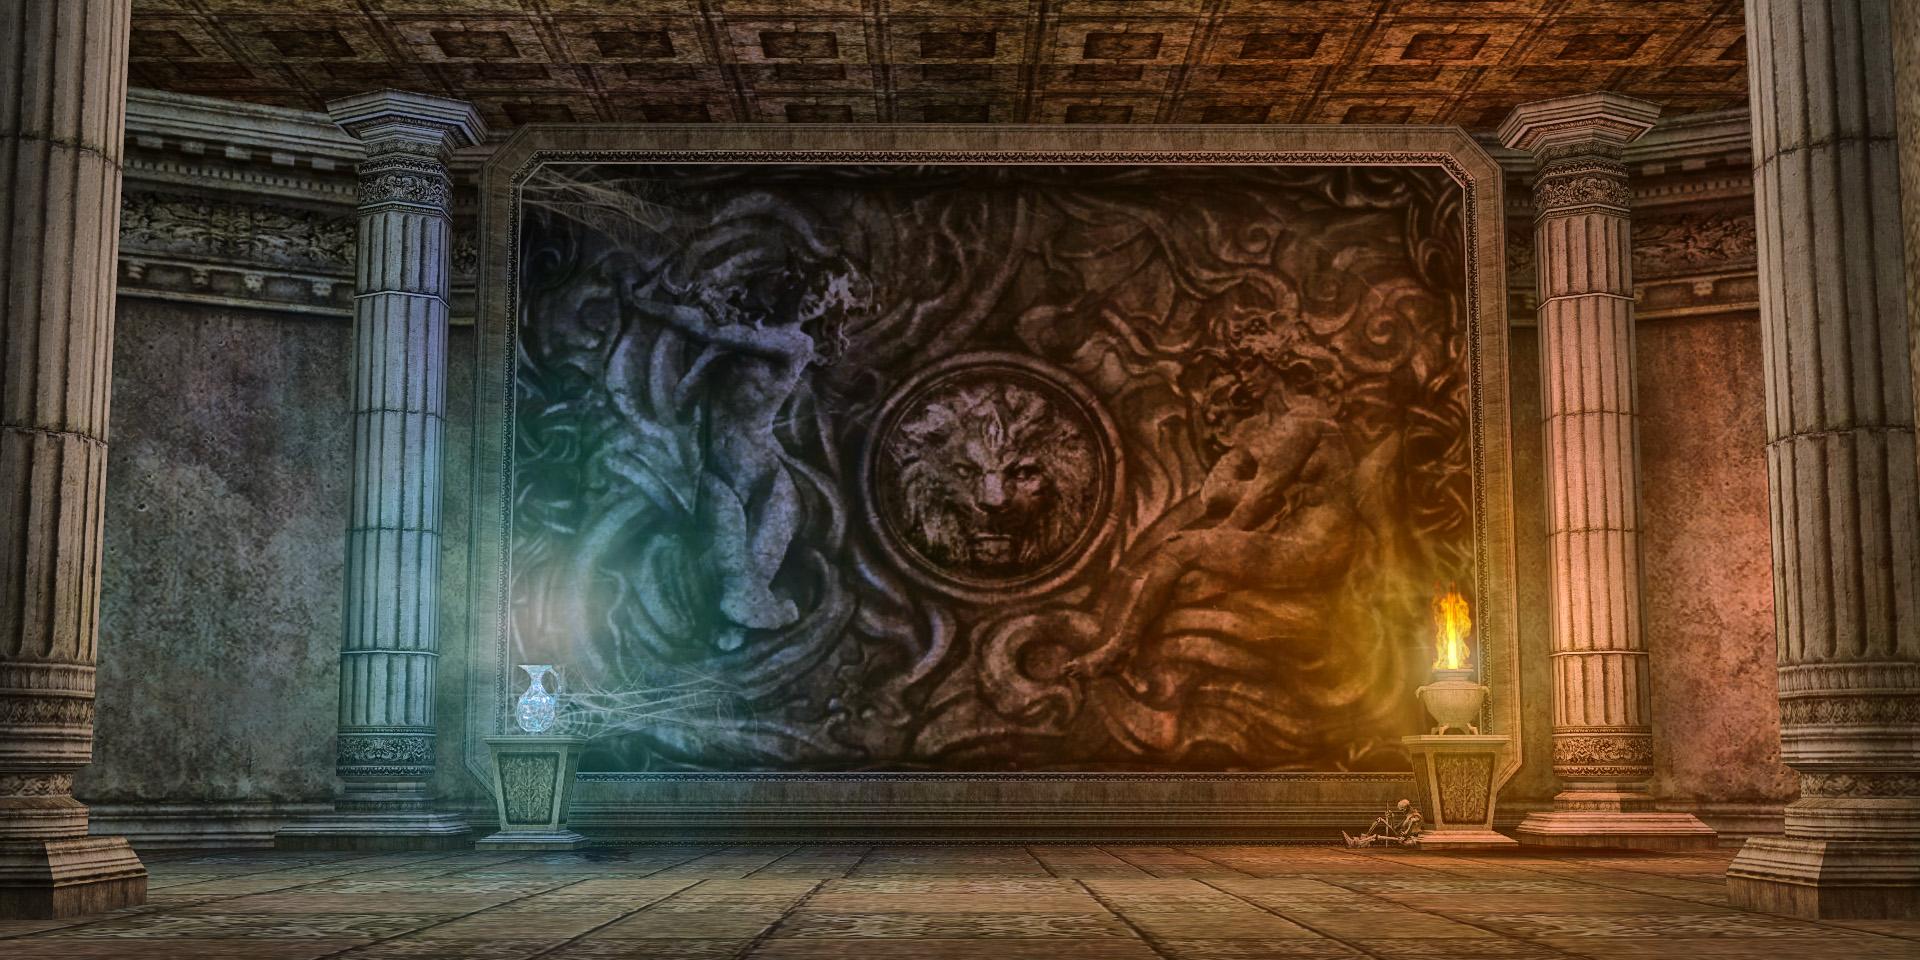 Зеркало для героя: Фришарды, пиратство и моральная сторона вопроса